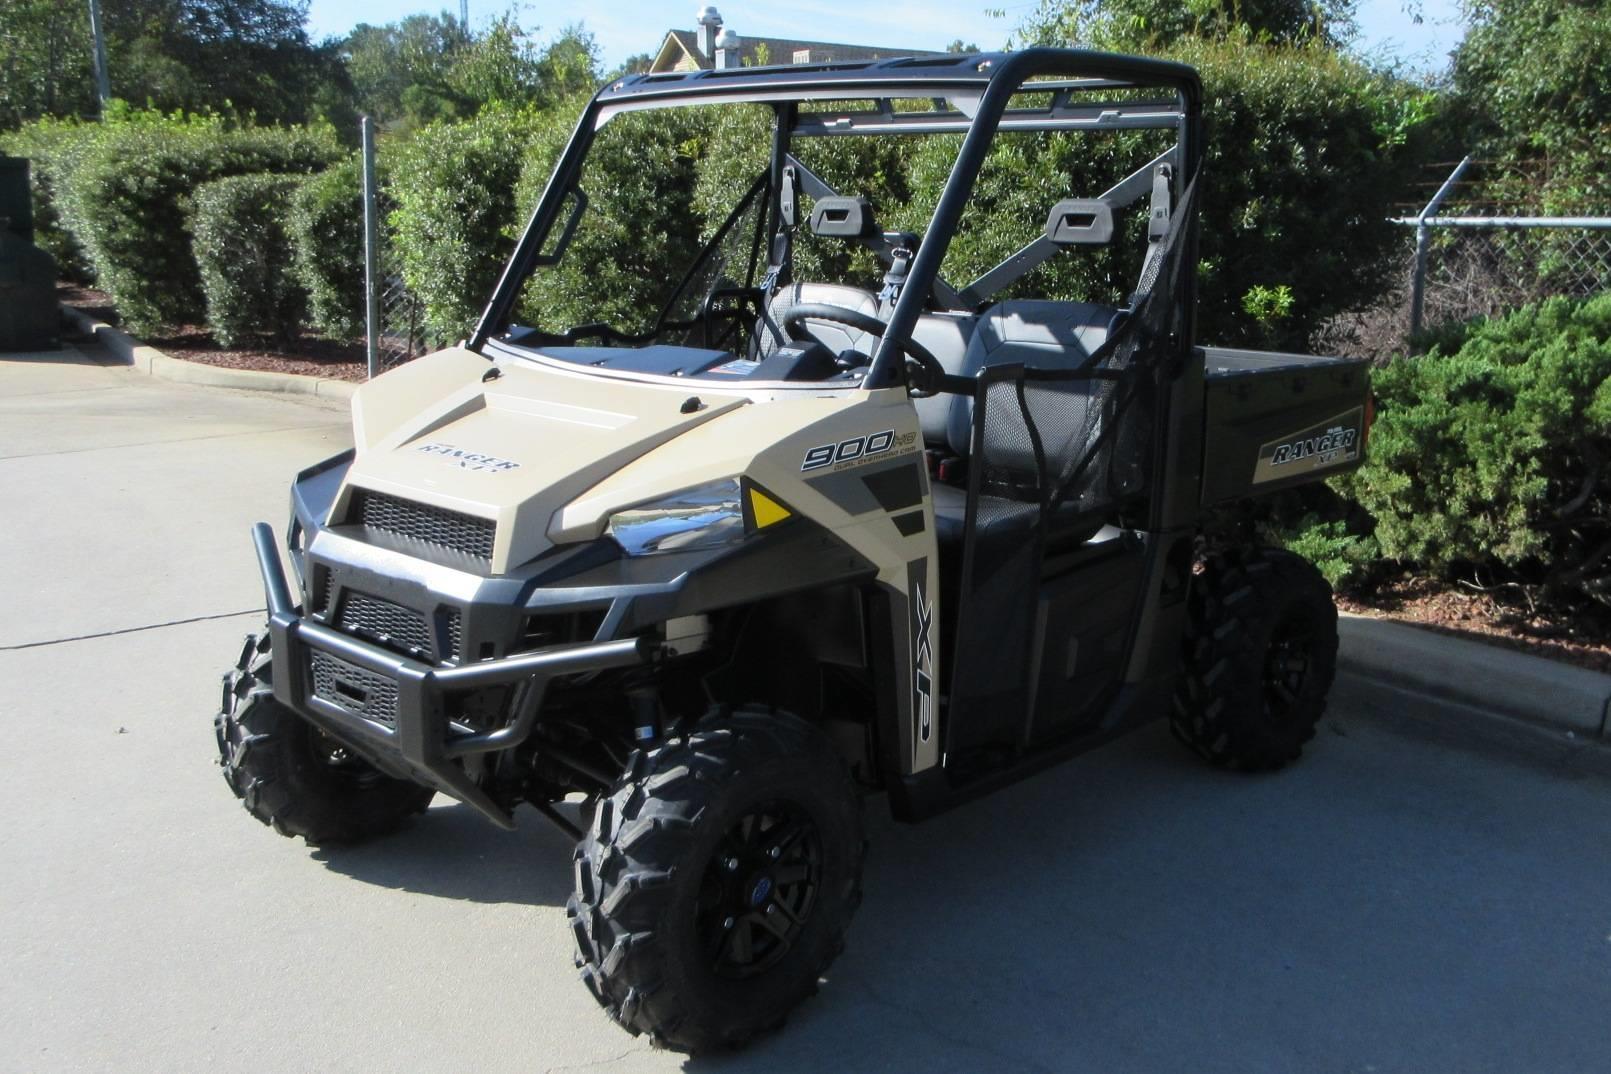 Factory Supplier Ranger XP 900 EPS UTV 11